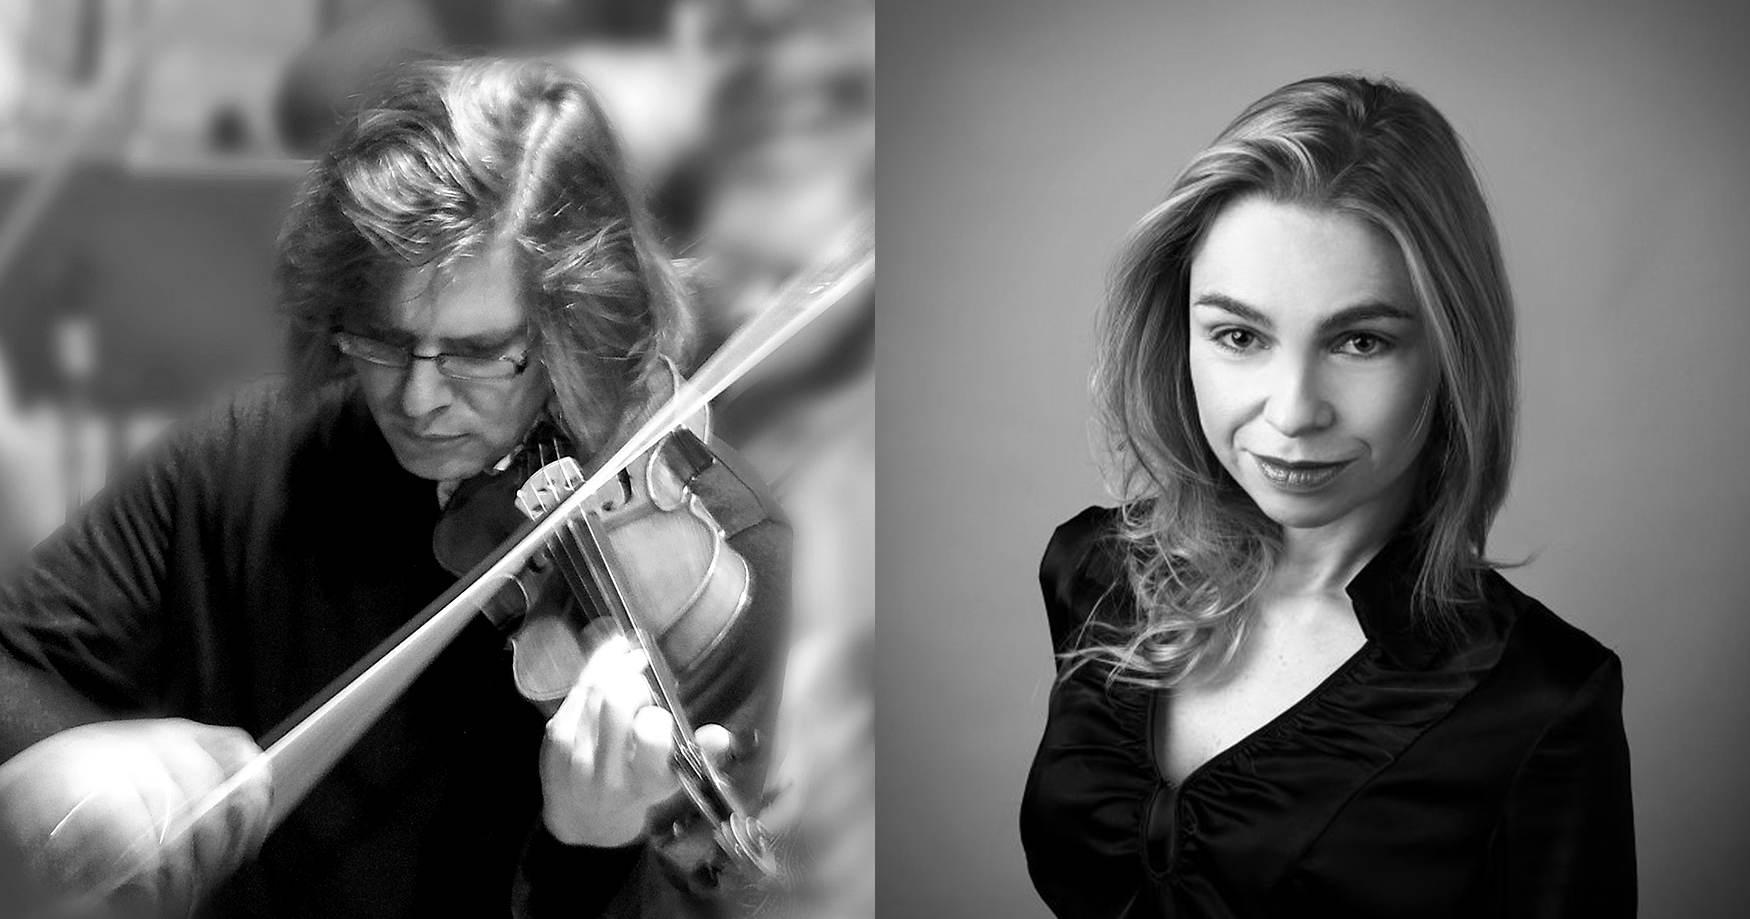 Vít Mužík and Lucie Kaucká